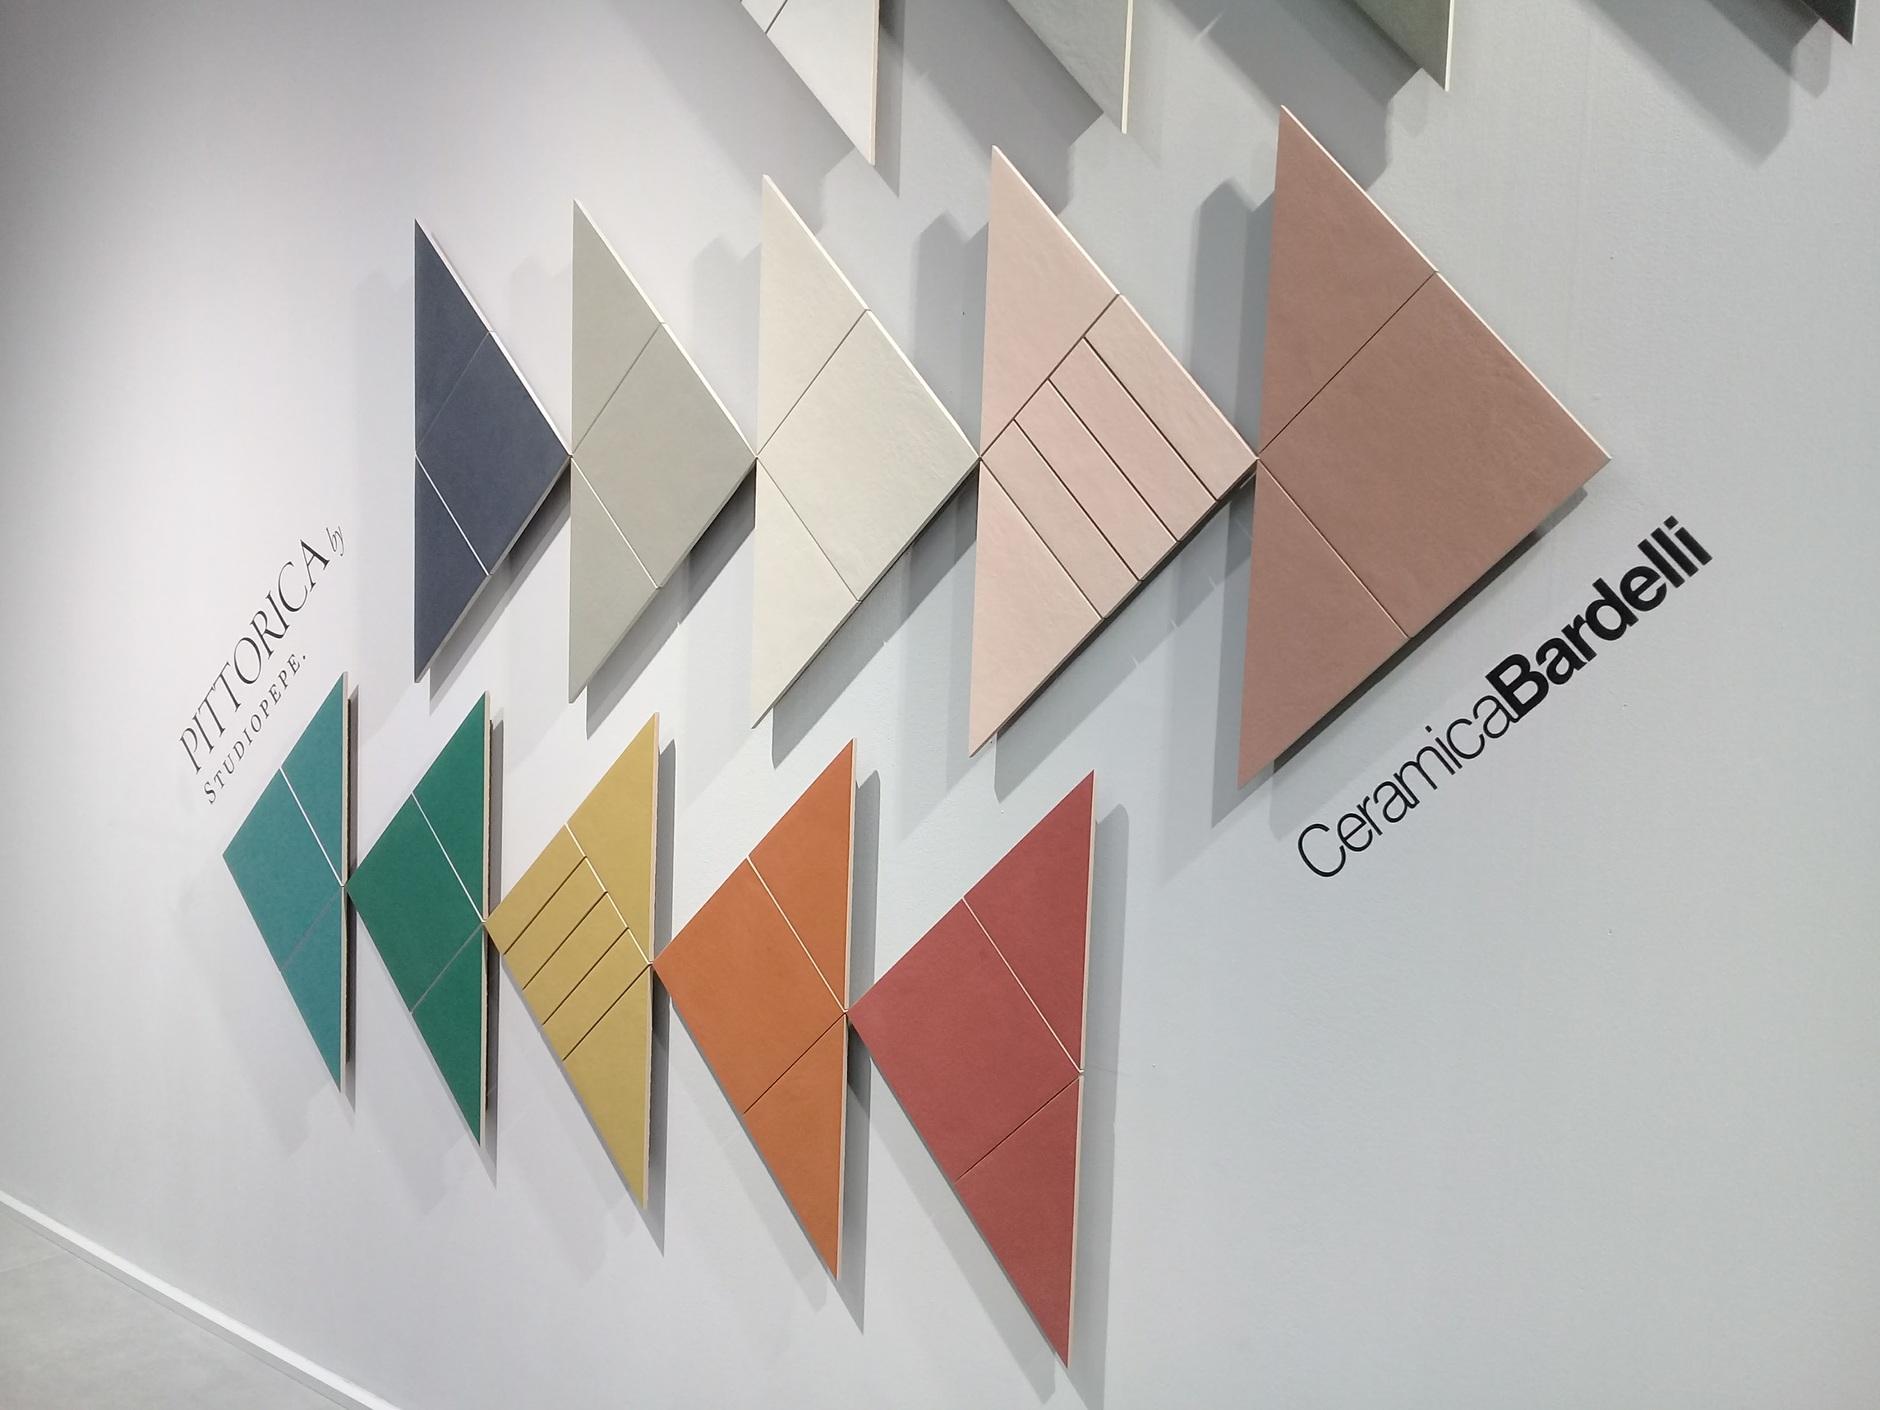 Выставка CERSAIE 2019 открылась в Болонье (галерея 1, фото 4)